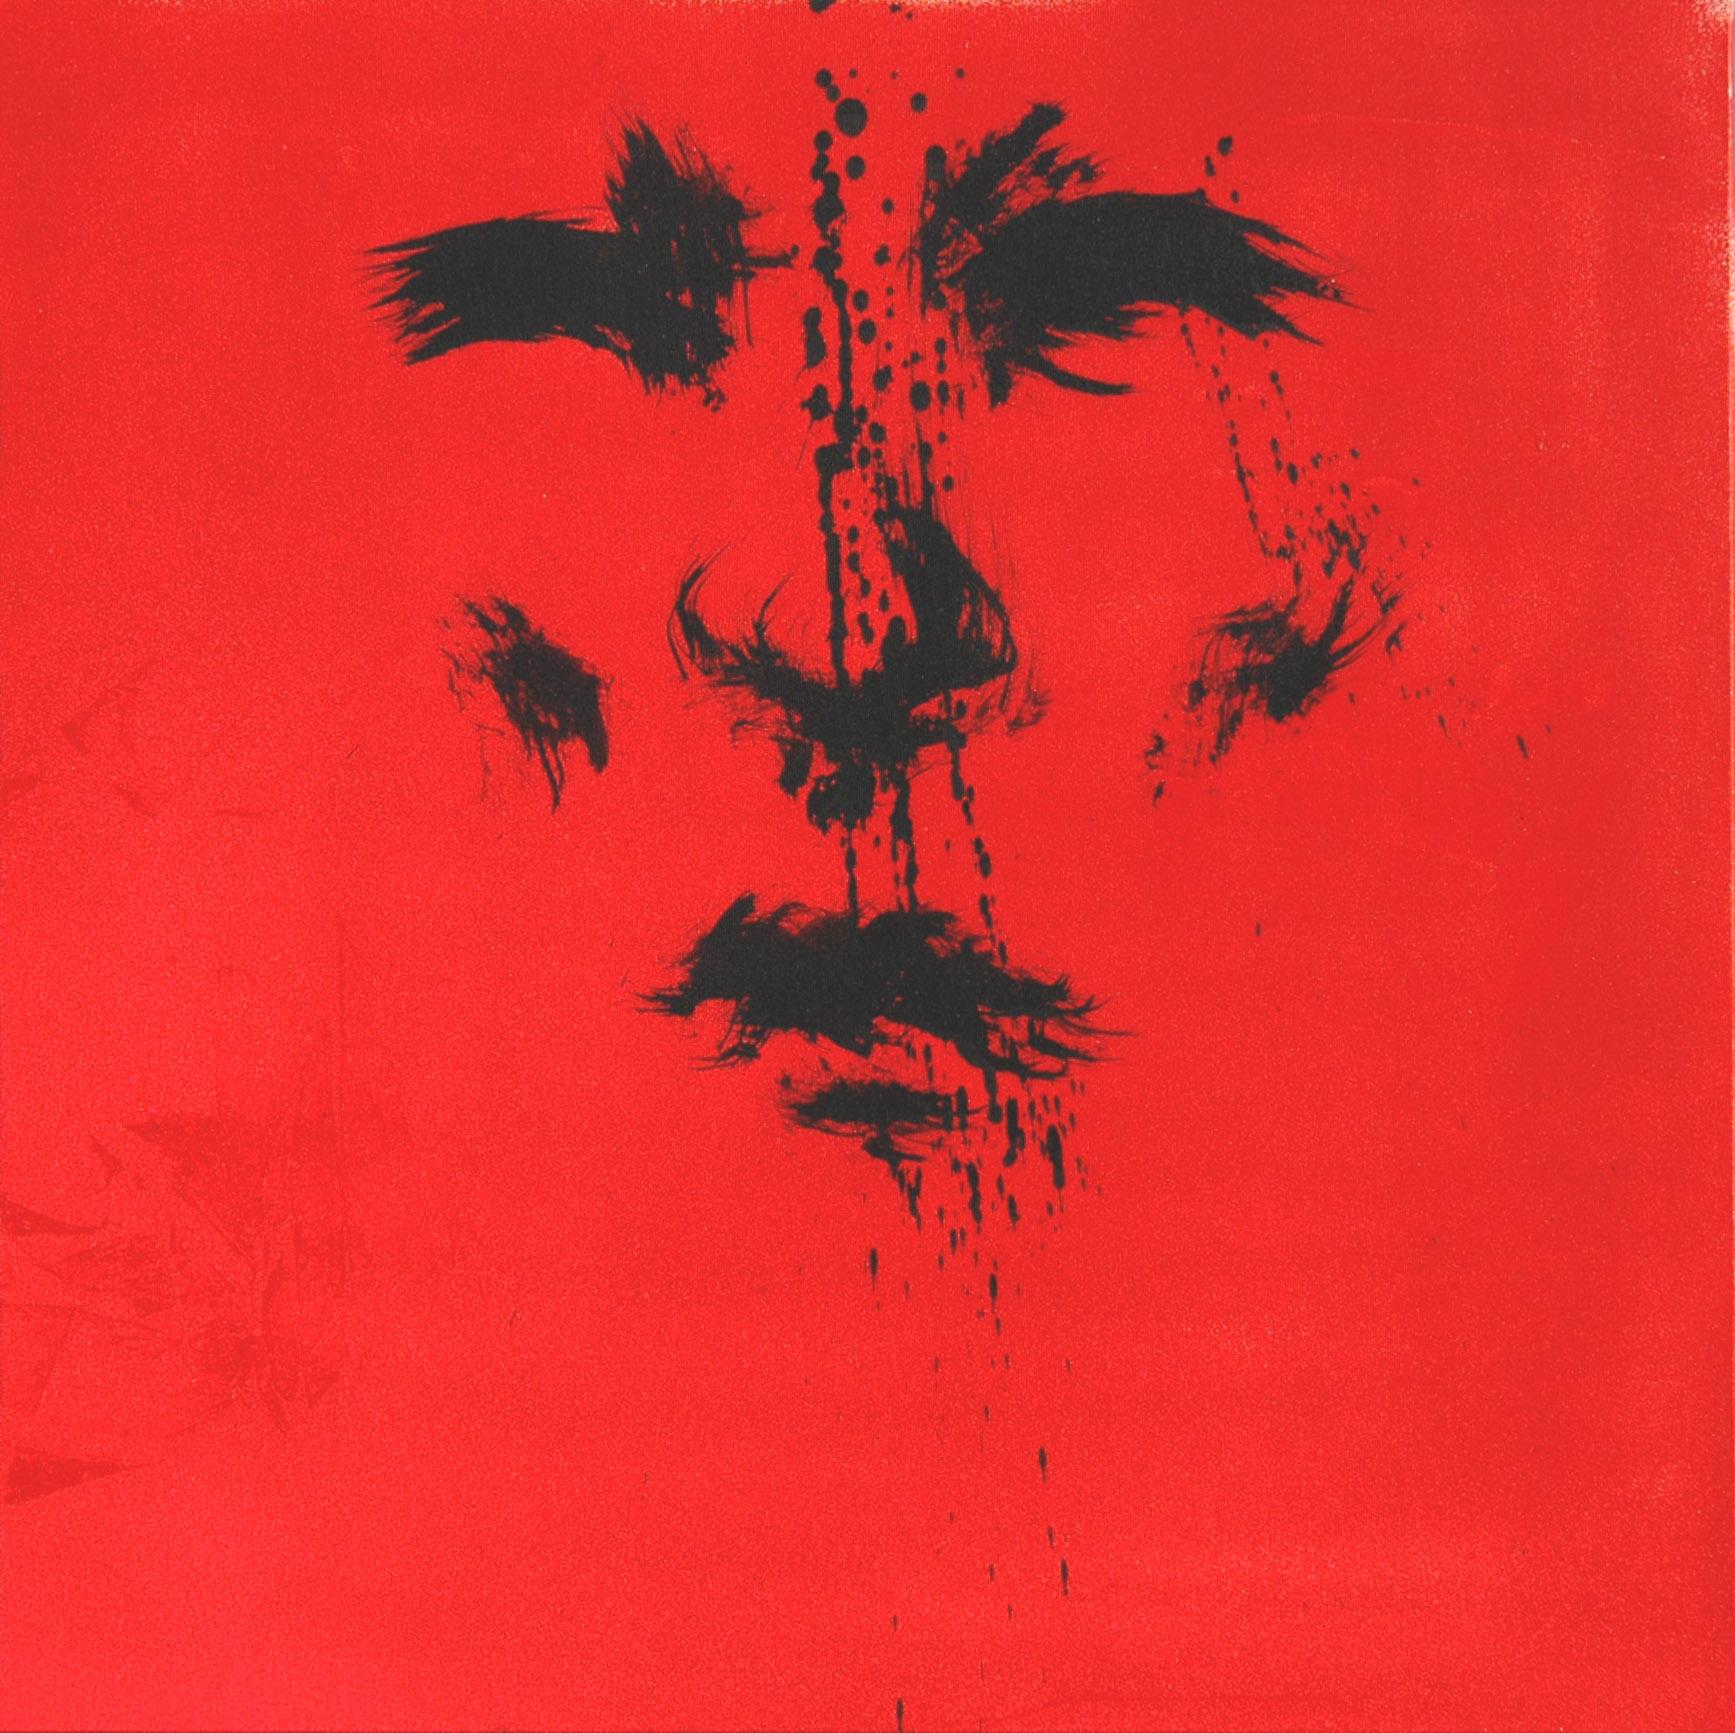 Octobre 2011 - Technique mixte sur toile - Galerie 213 Homme rouge original